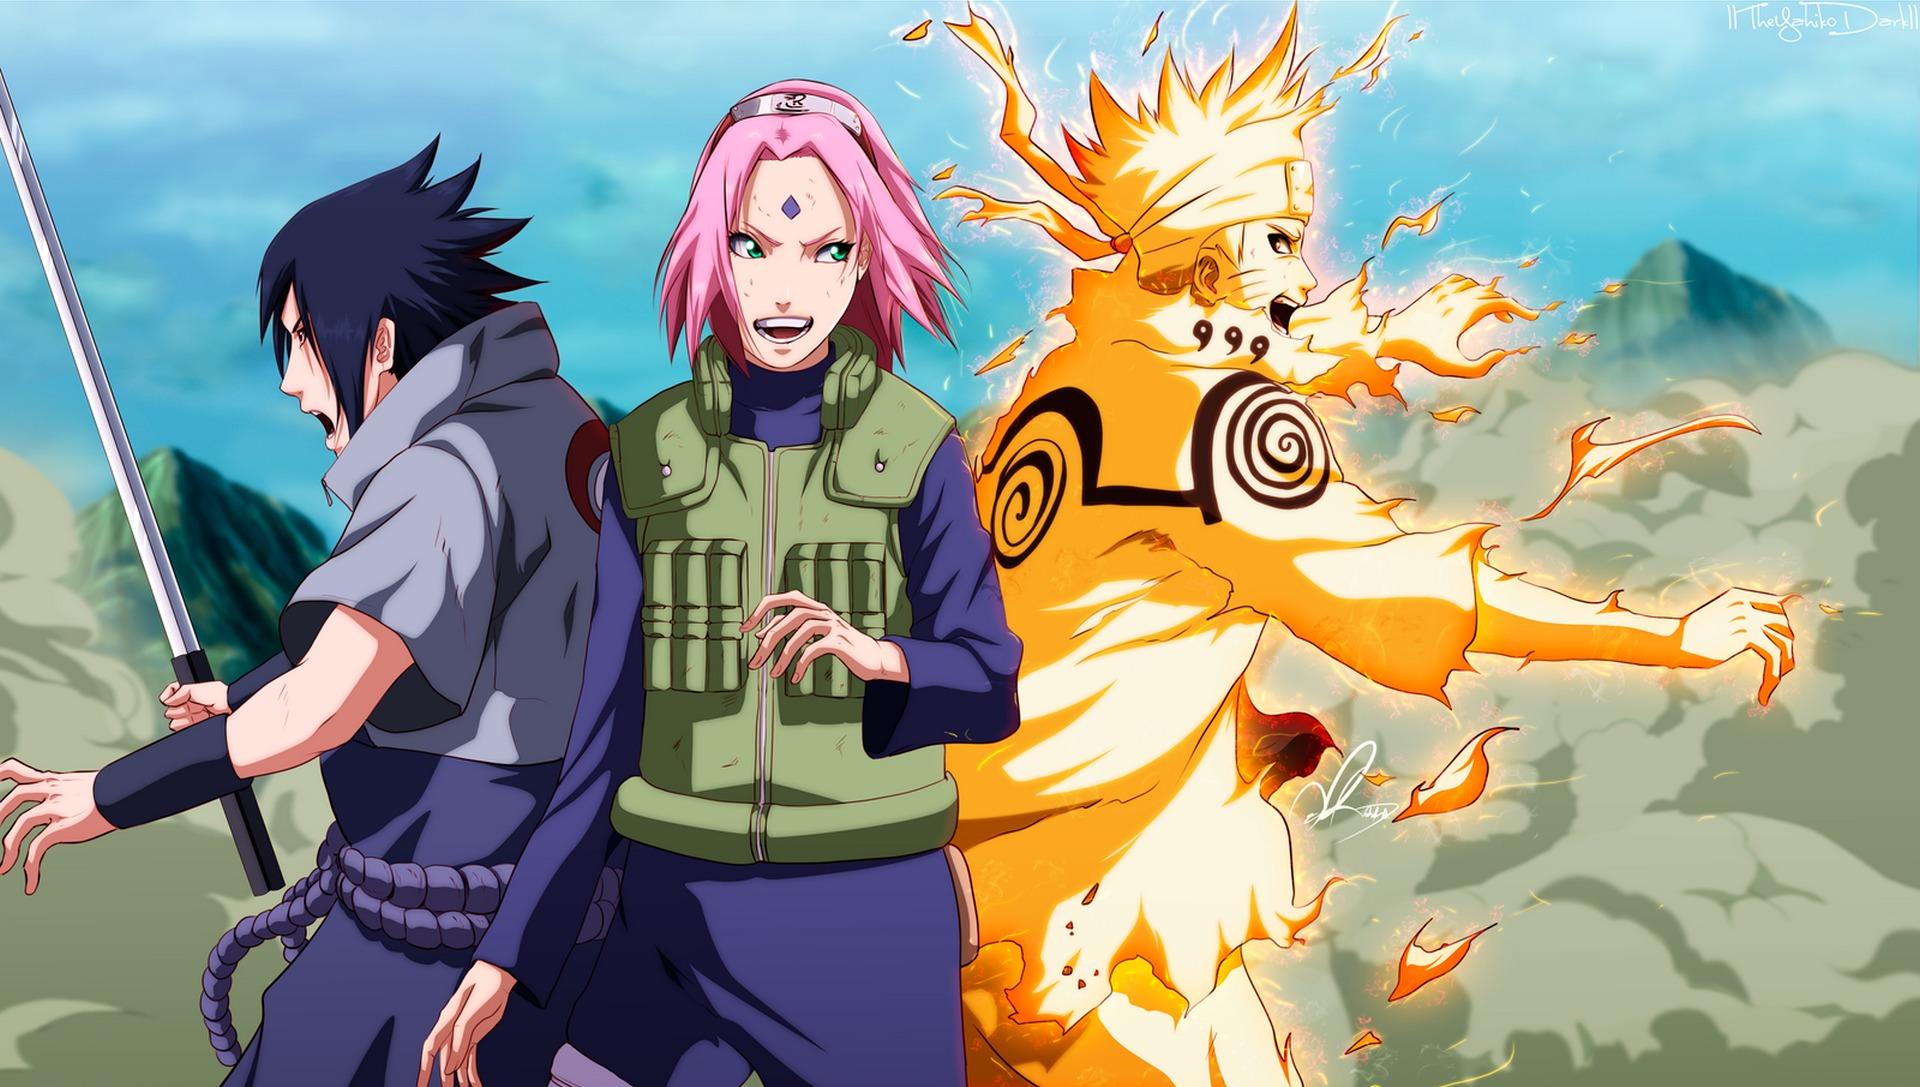 Naruto Uzumaki Naruto Uchiha Sasuke Wallpaper Hd Anime 4k